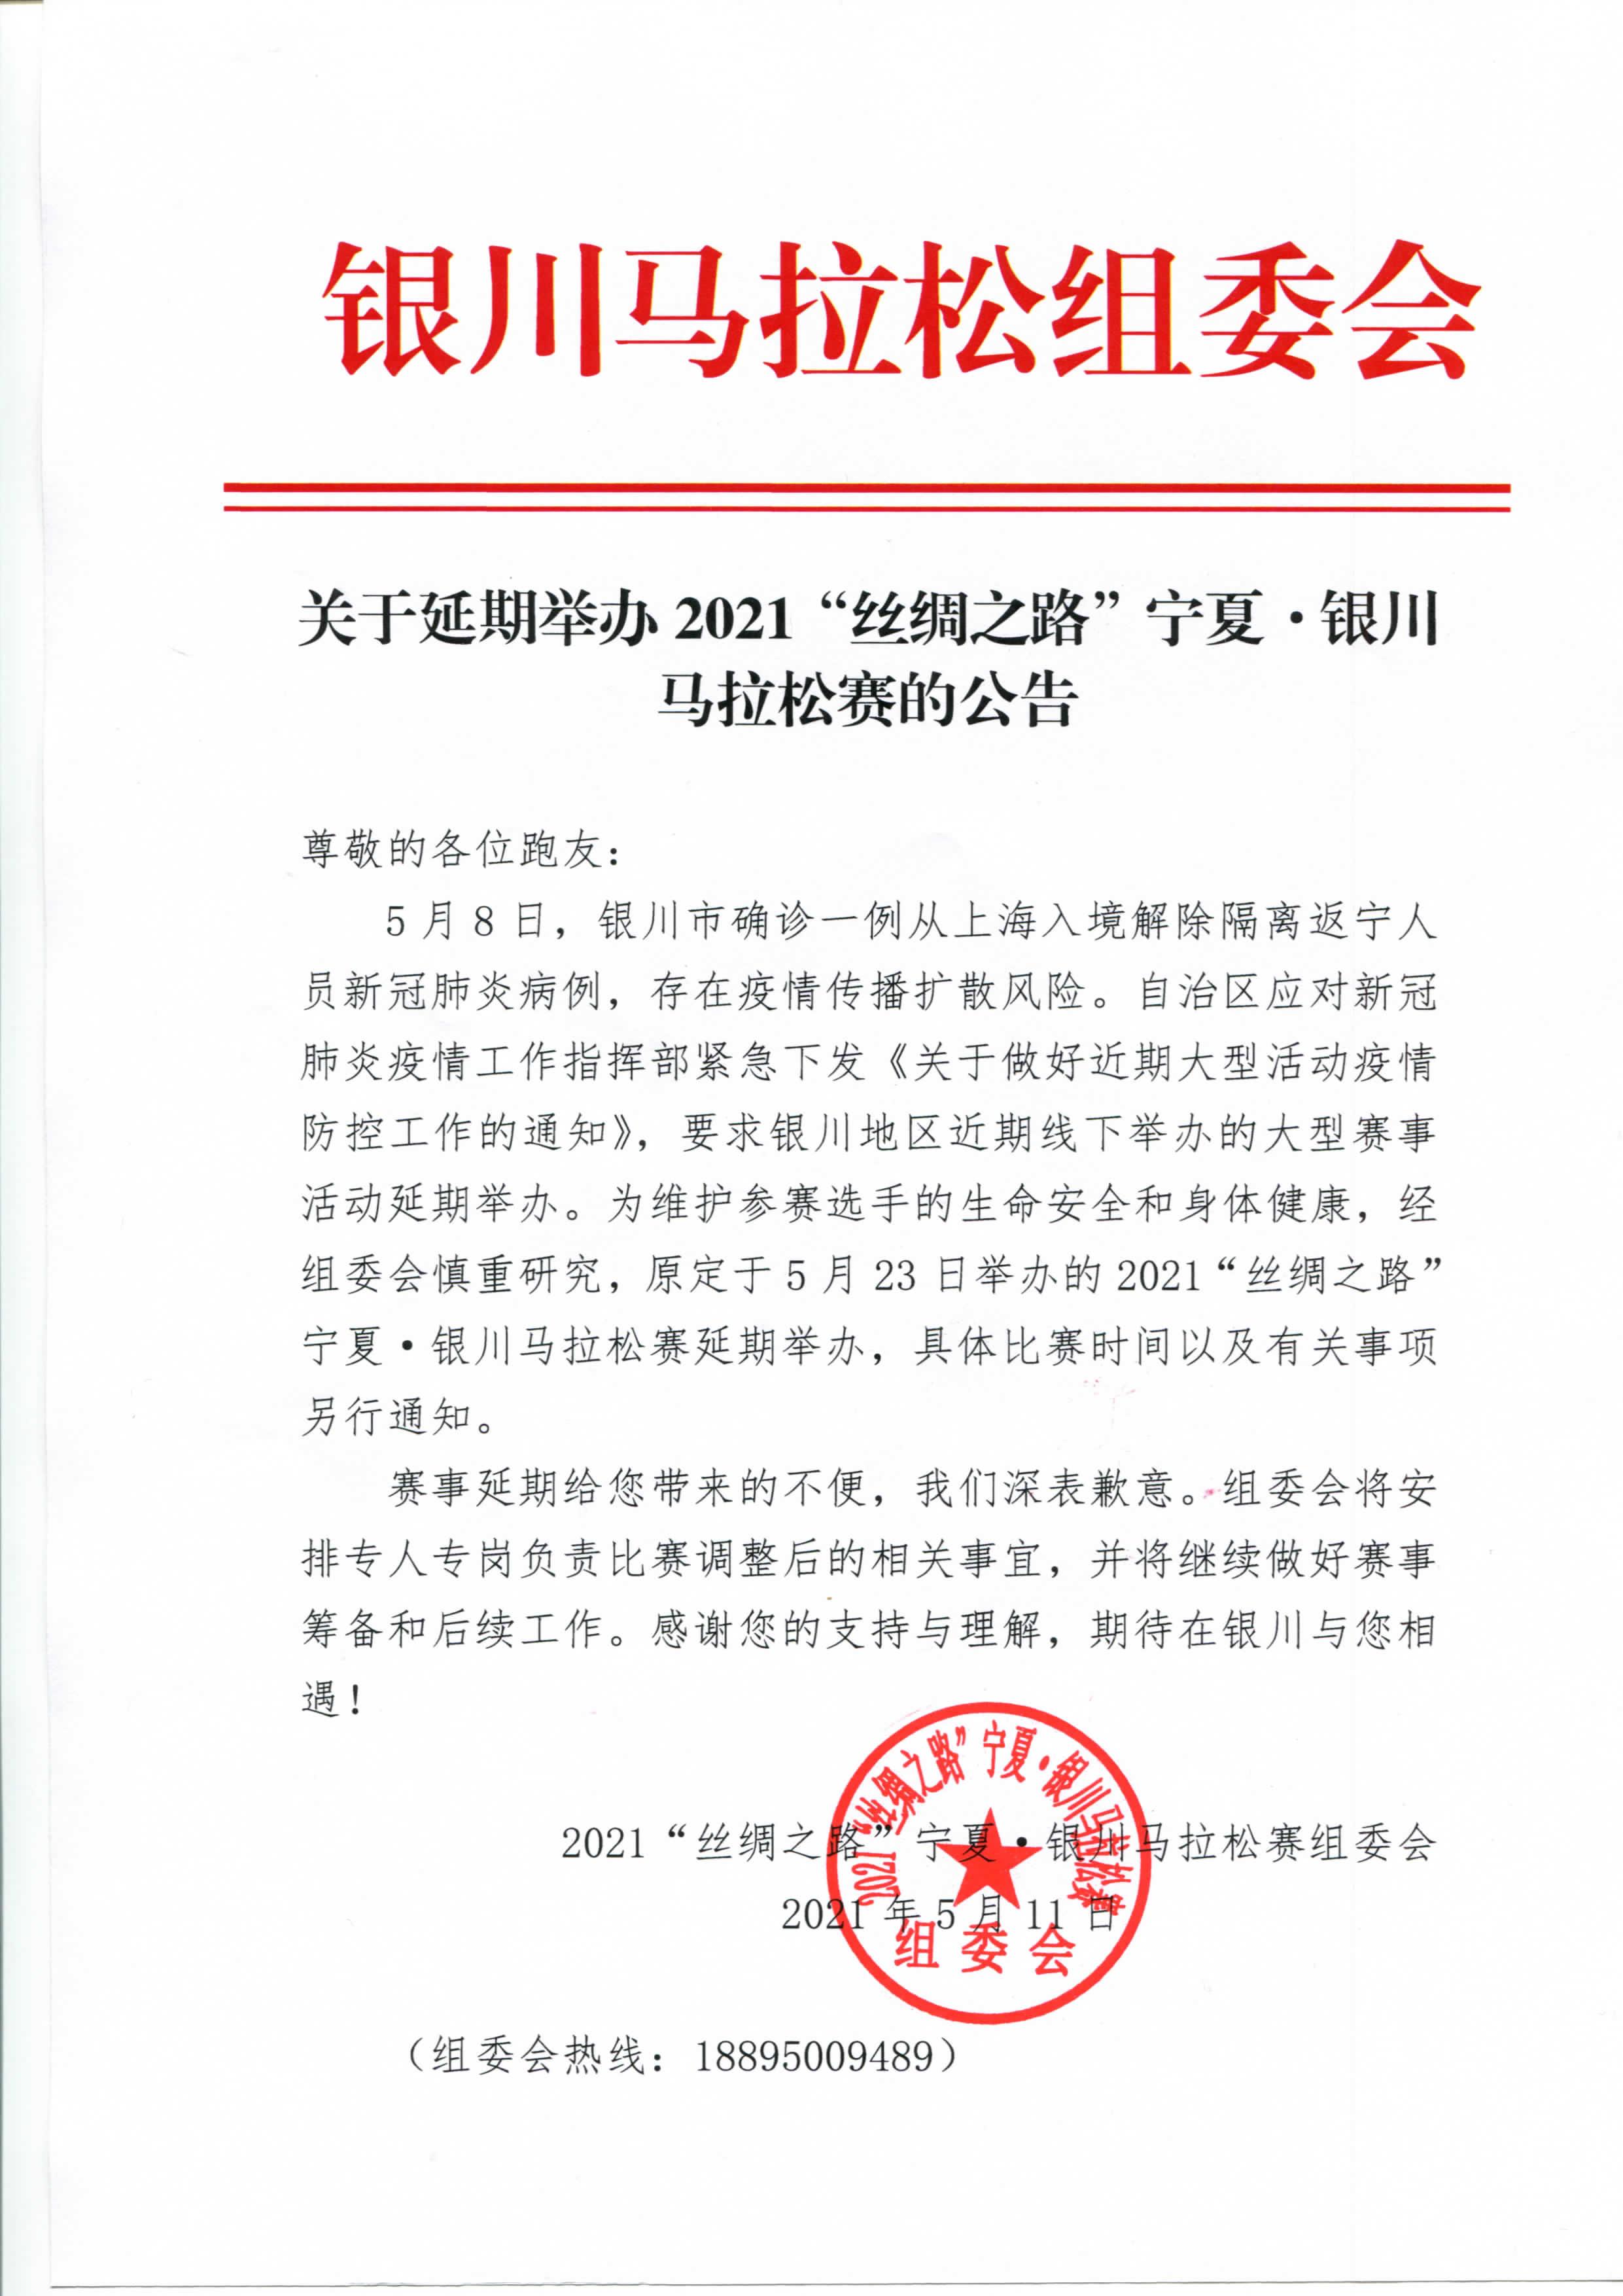 """关于延期举办2021""""丝绸之路""""宁夏·银川马拉松赛的公告.png"""